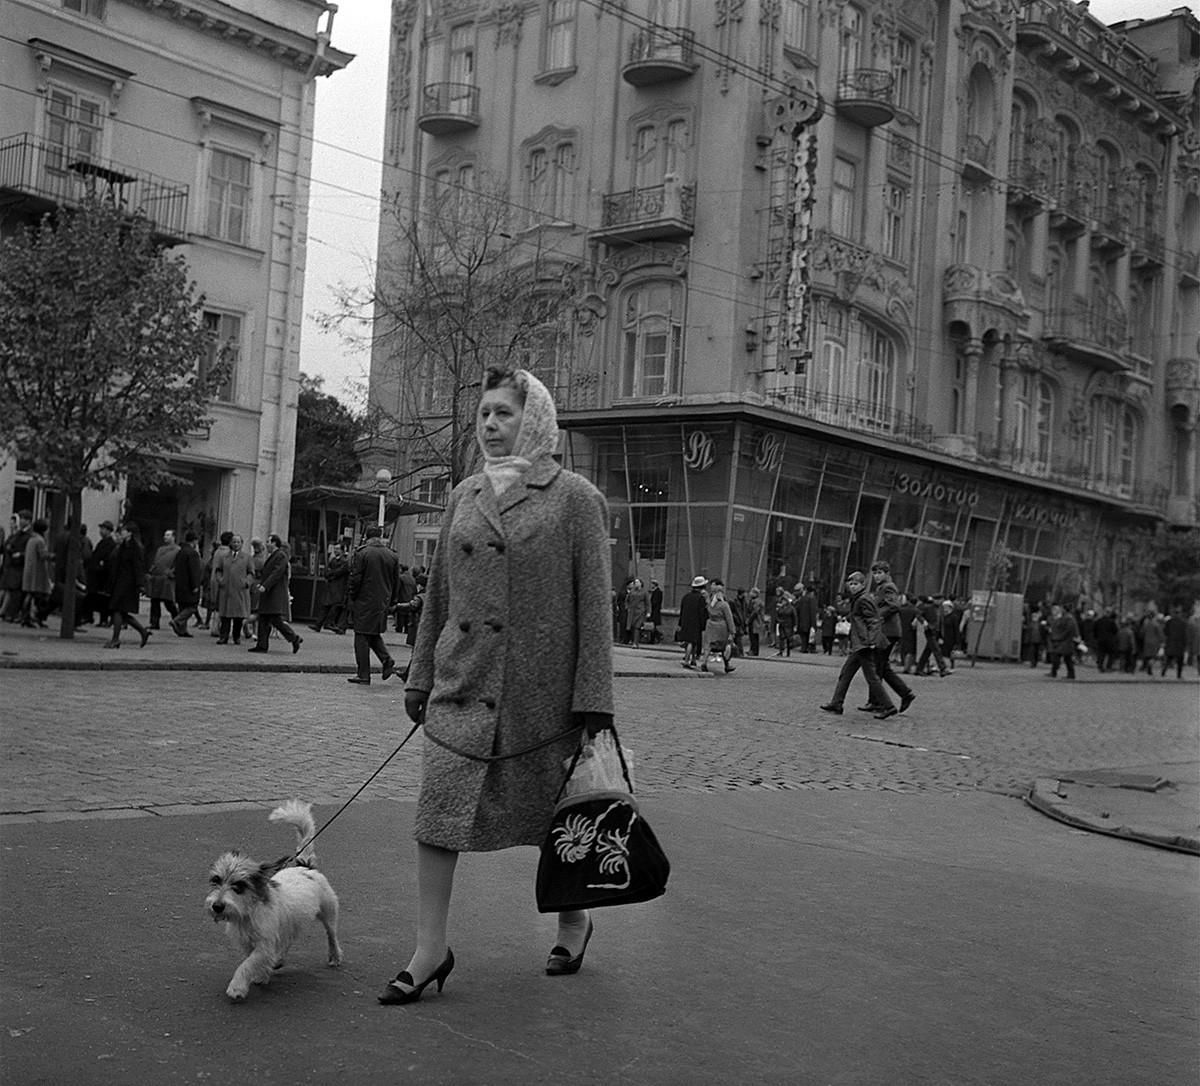 Na eni od ulic v Odesi, 1970